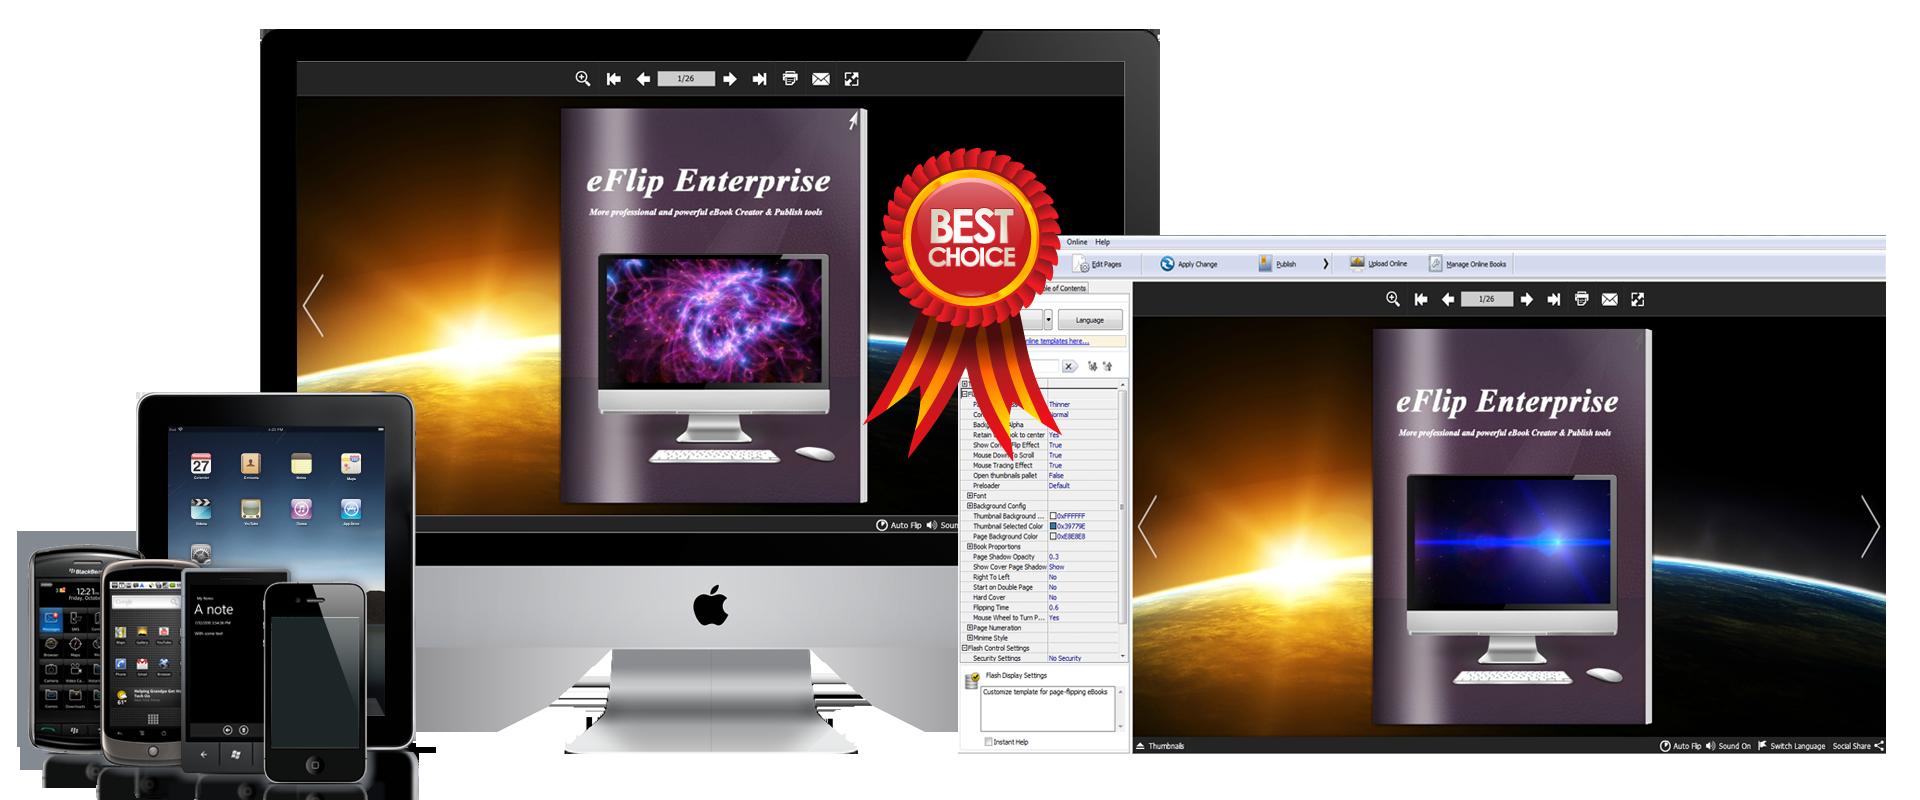 eFlip Enterprise Screenshot